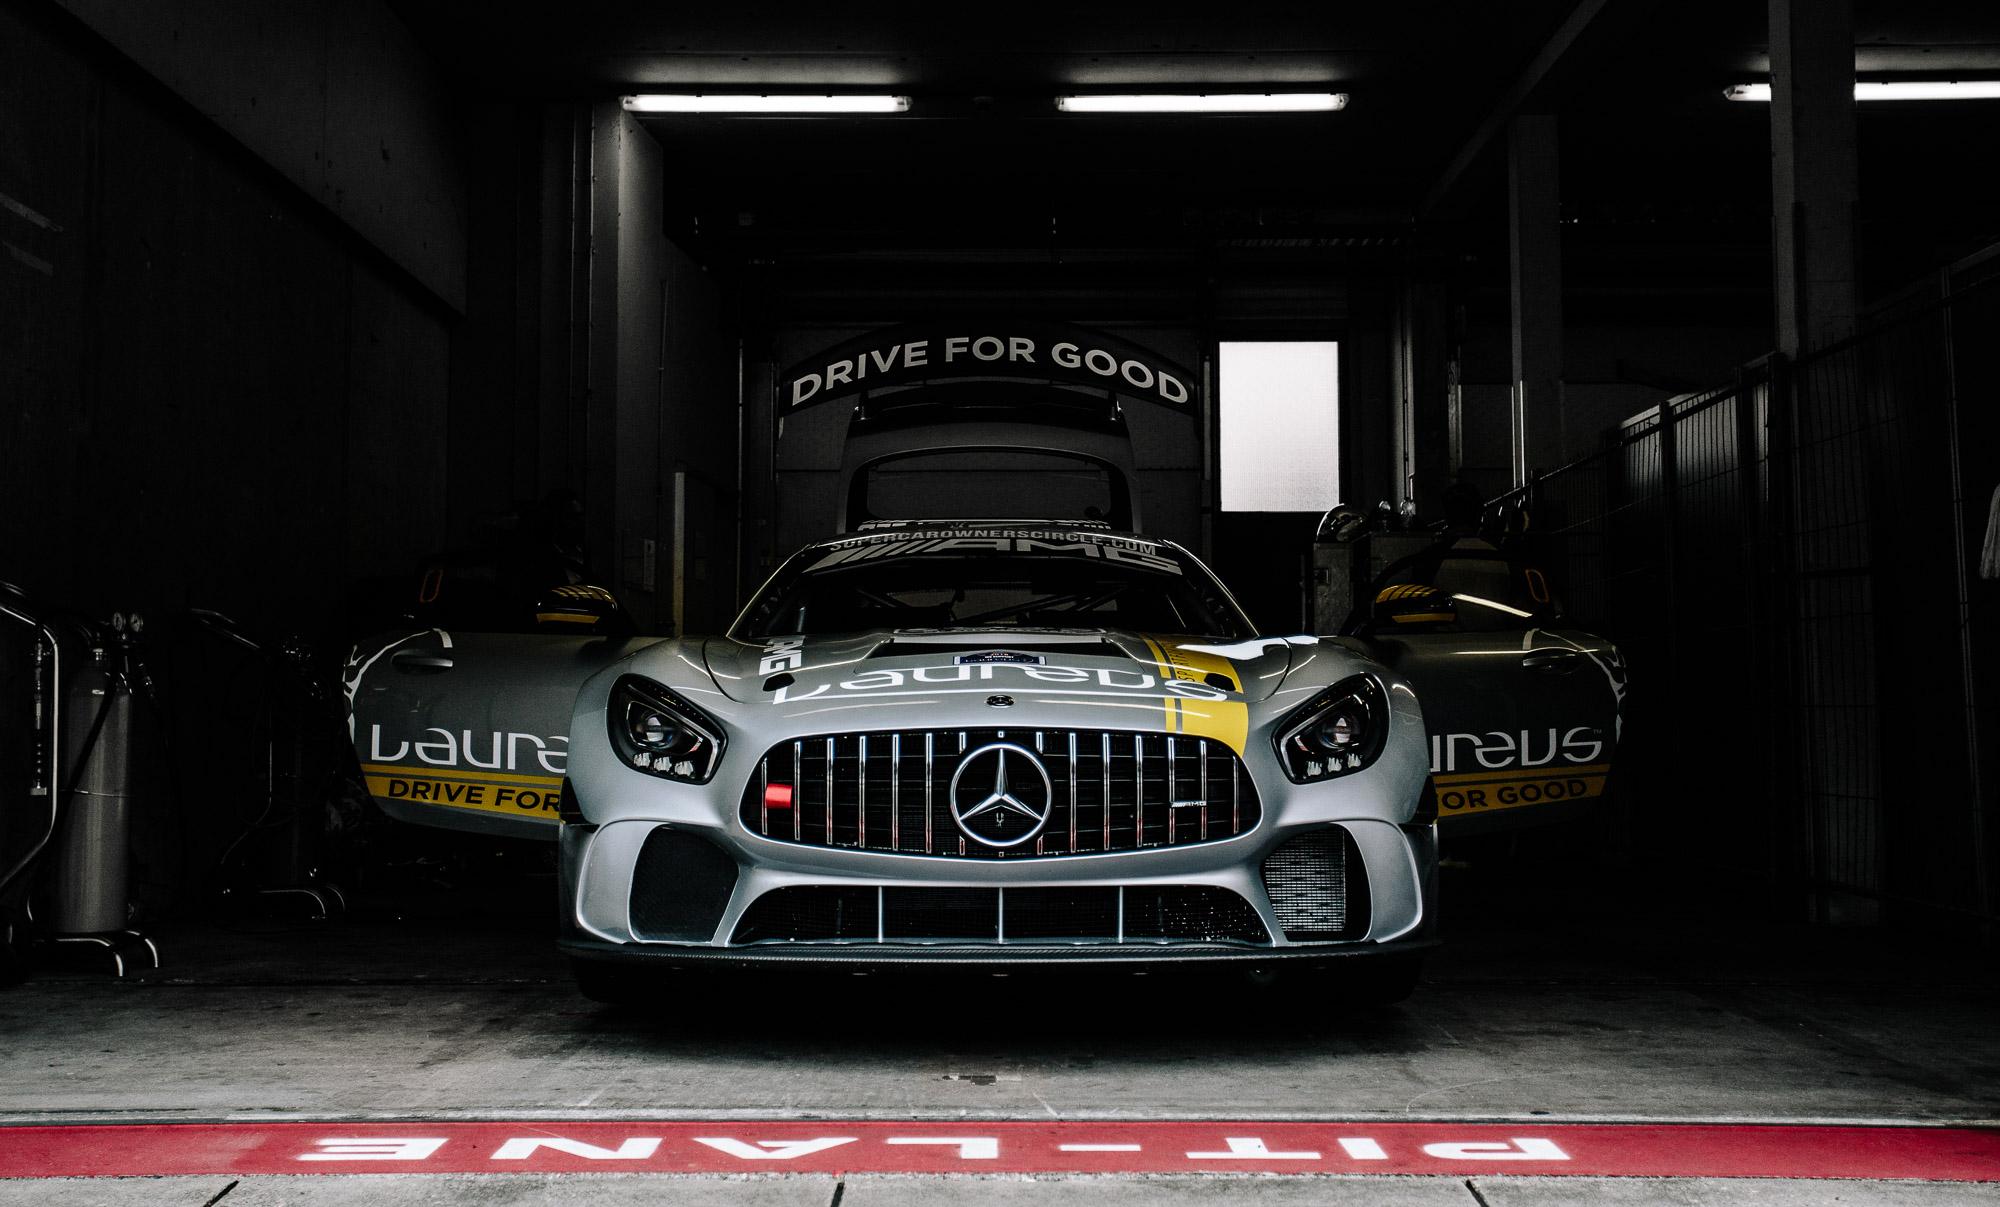 Gamma-Racing-Days-@maximkuijper (23 van 29).jpg